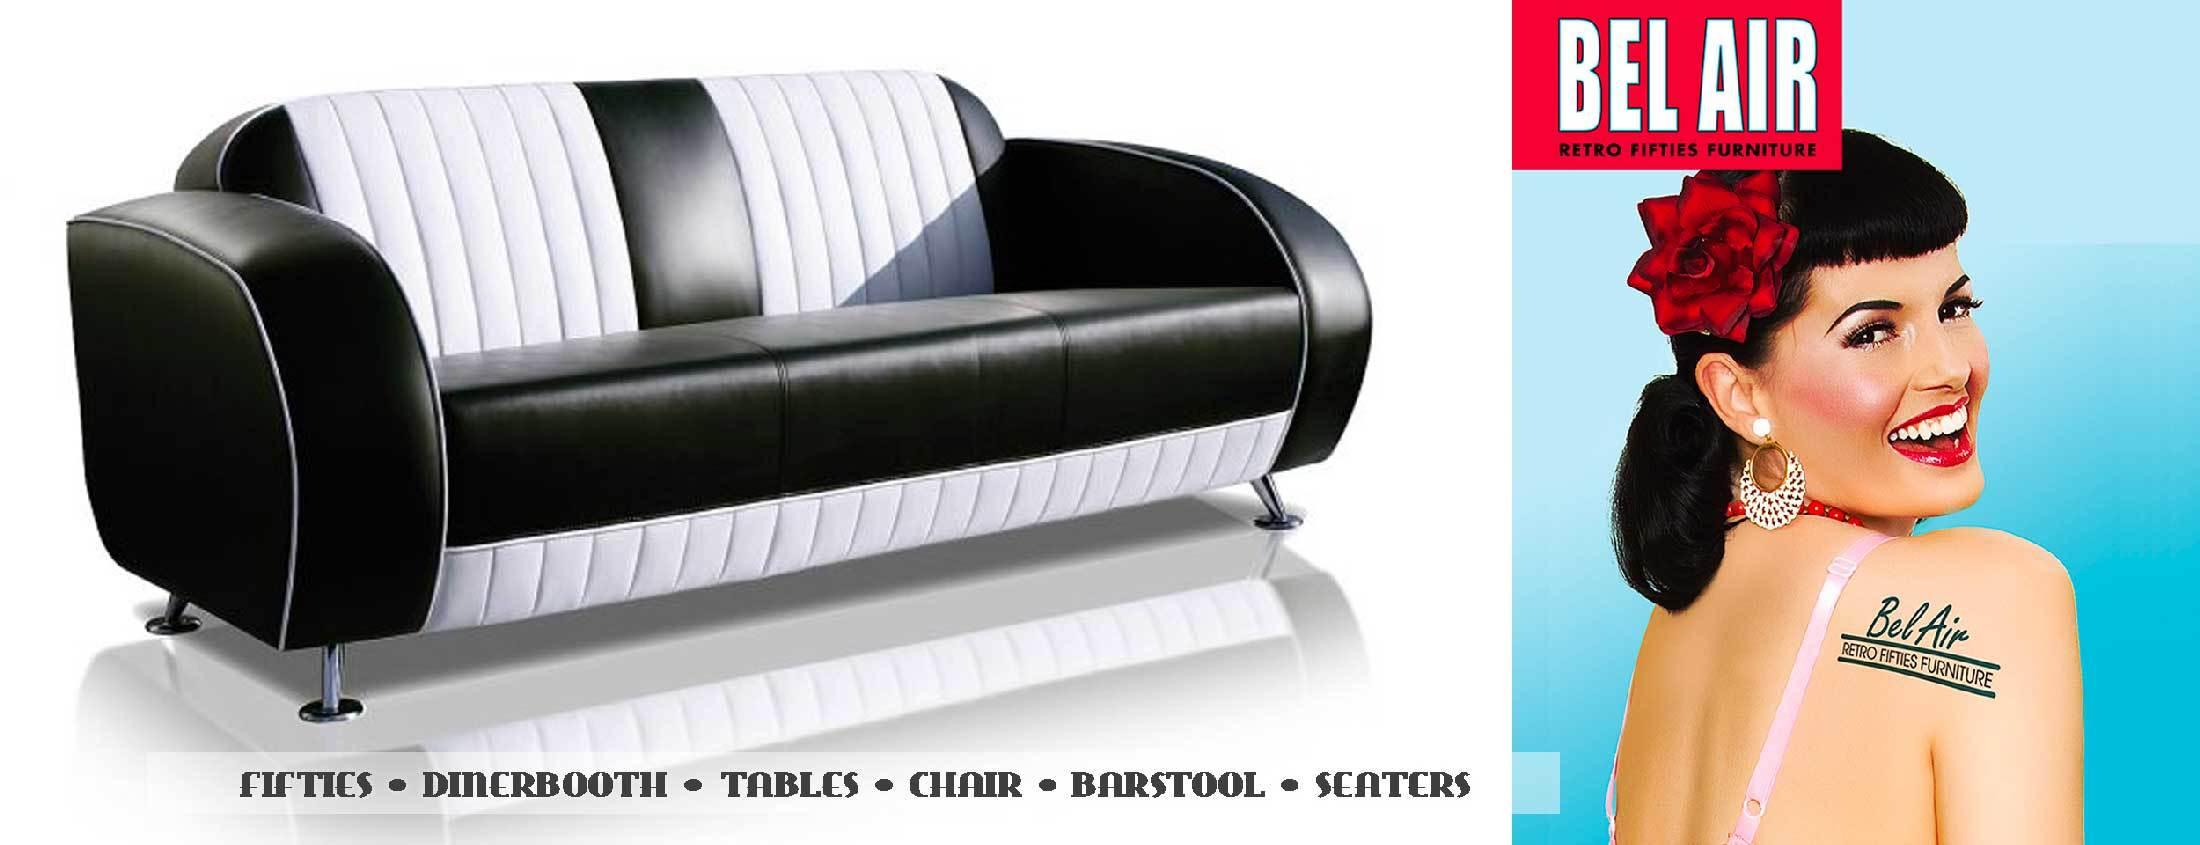 Tweedehands Fifties Meubelen.Fifties Retro Furniture Amerikaanse Meubels Diner Bar